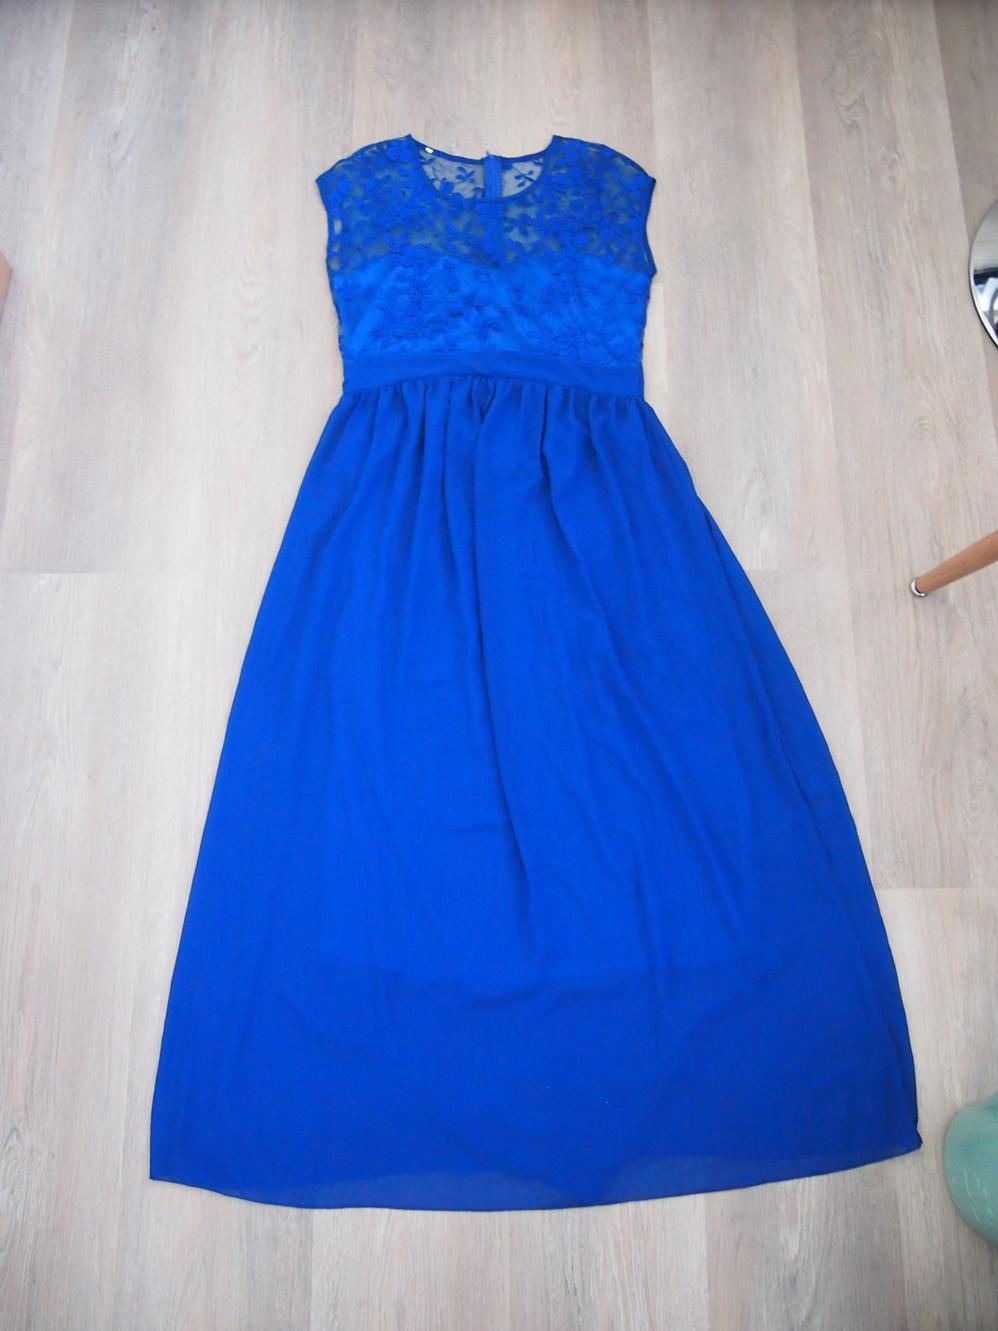 Dlouhé modré šaty (královská modř) - Obrázek č. 1